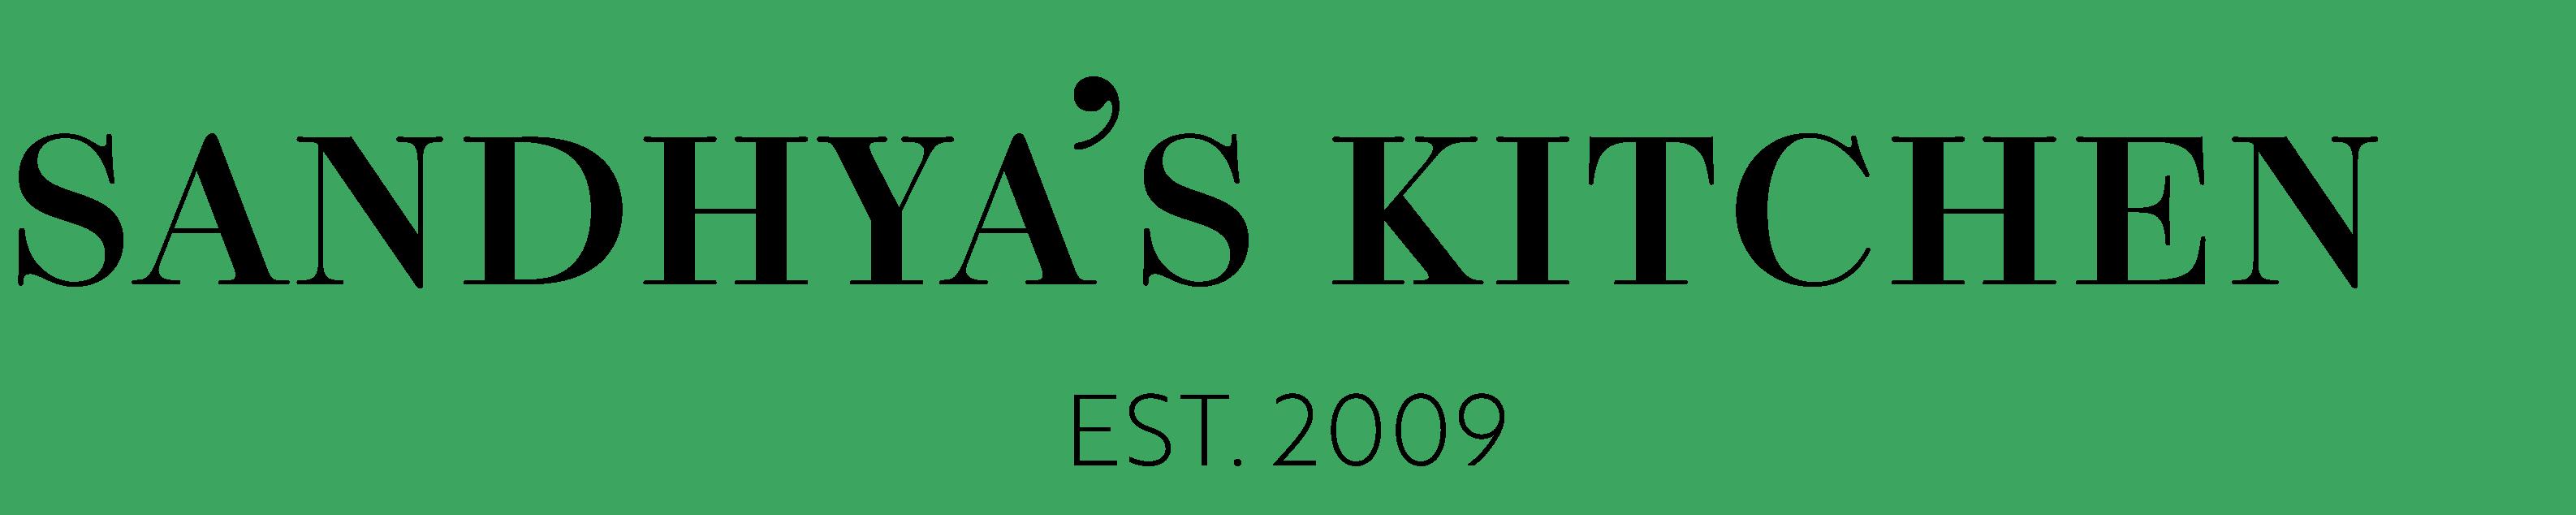 Sandhya's Kitchen logo